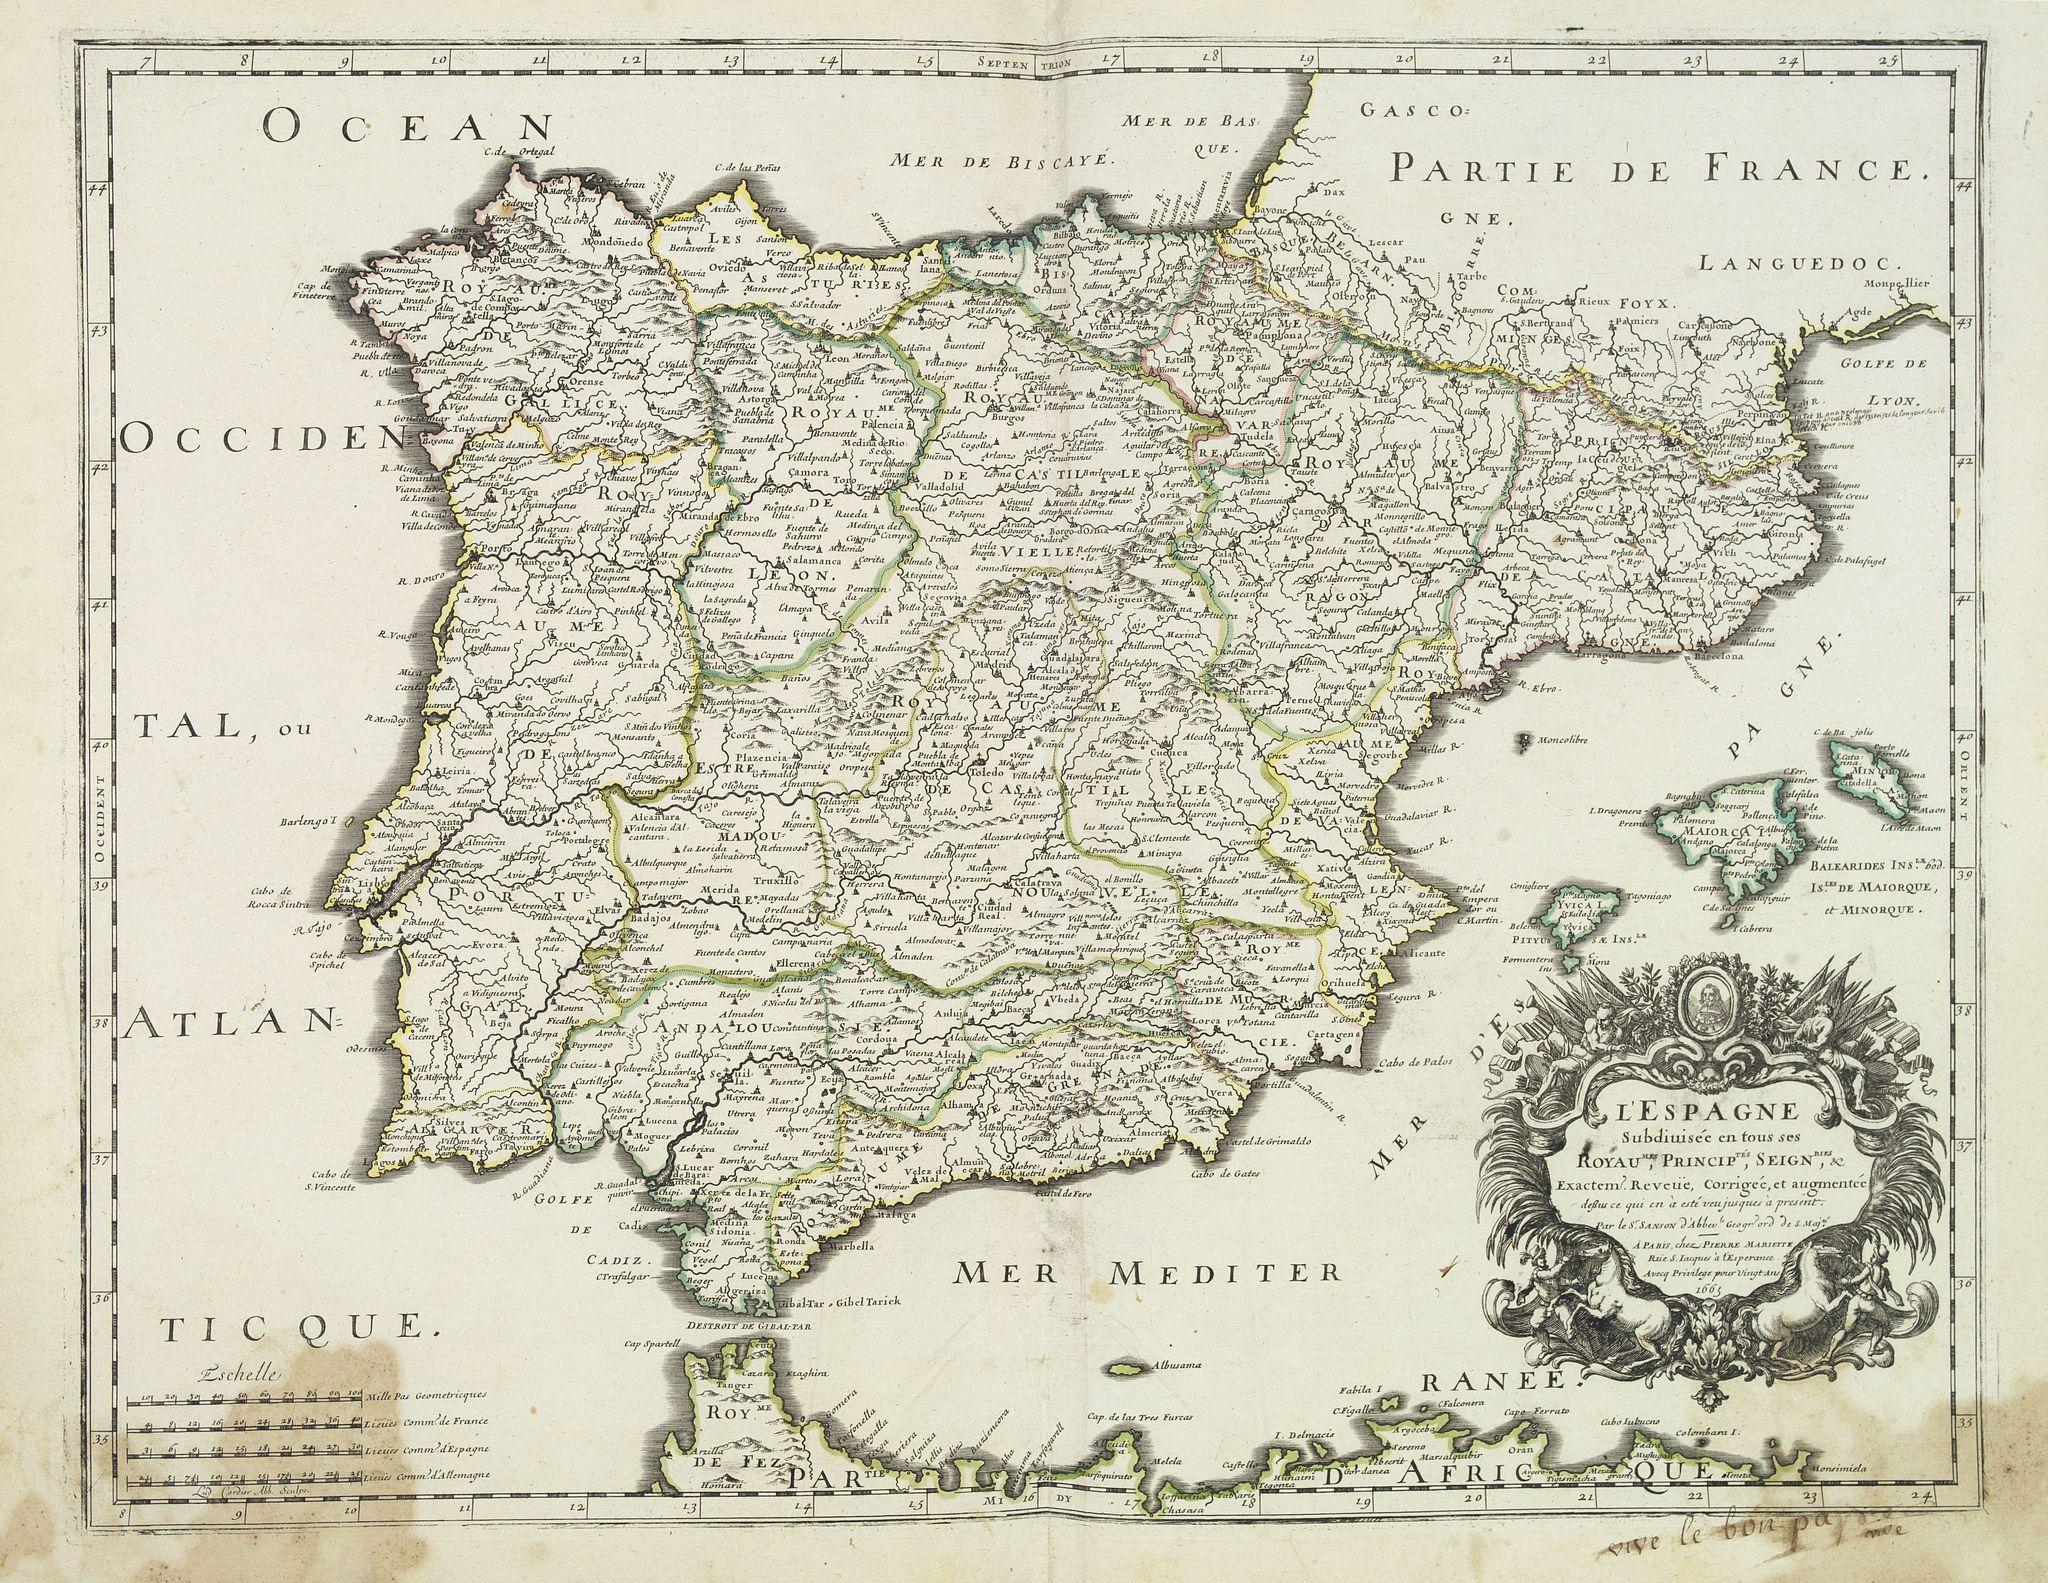 SANSON,N./ MARRIET,P. -  L'Espagne subdivisée en tous ses royaumes, princip[au]tés, seign[eu]ries. . .